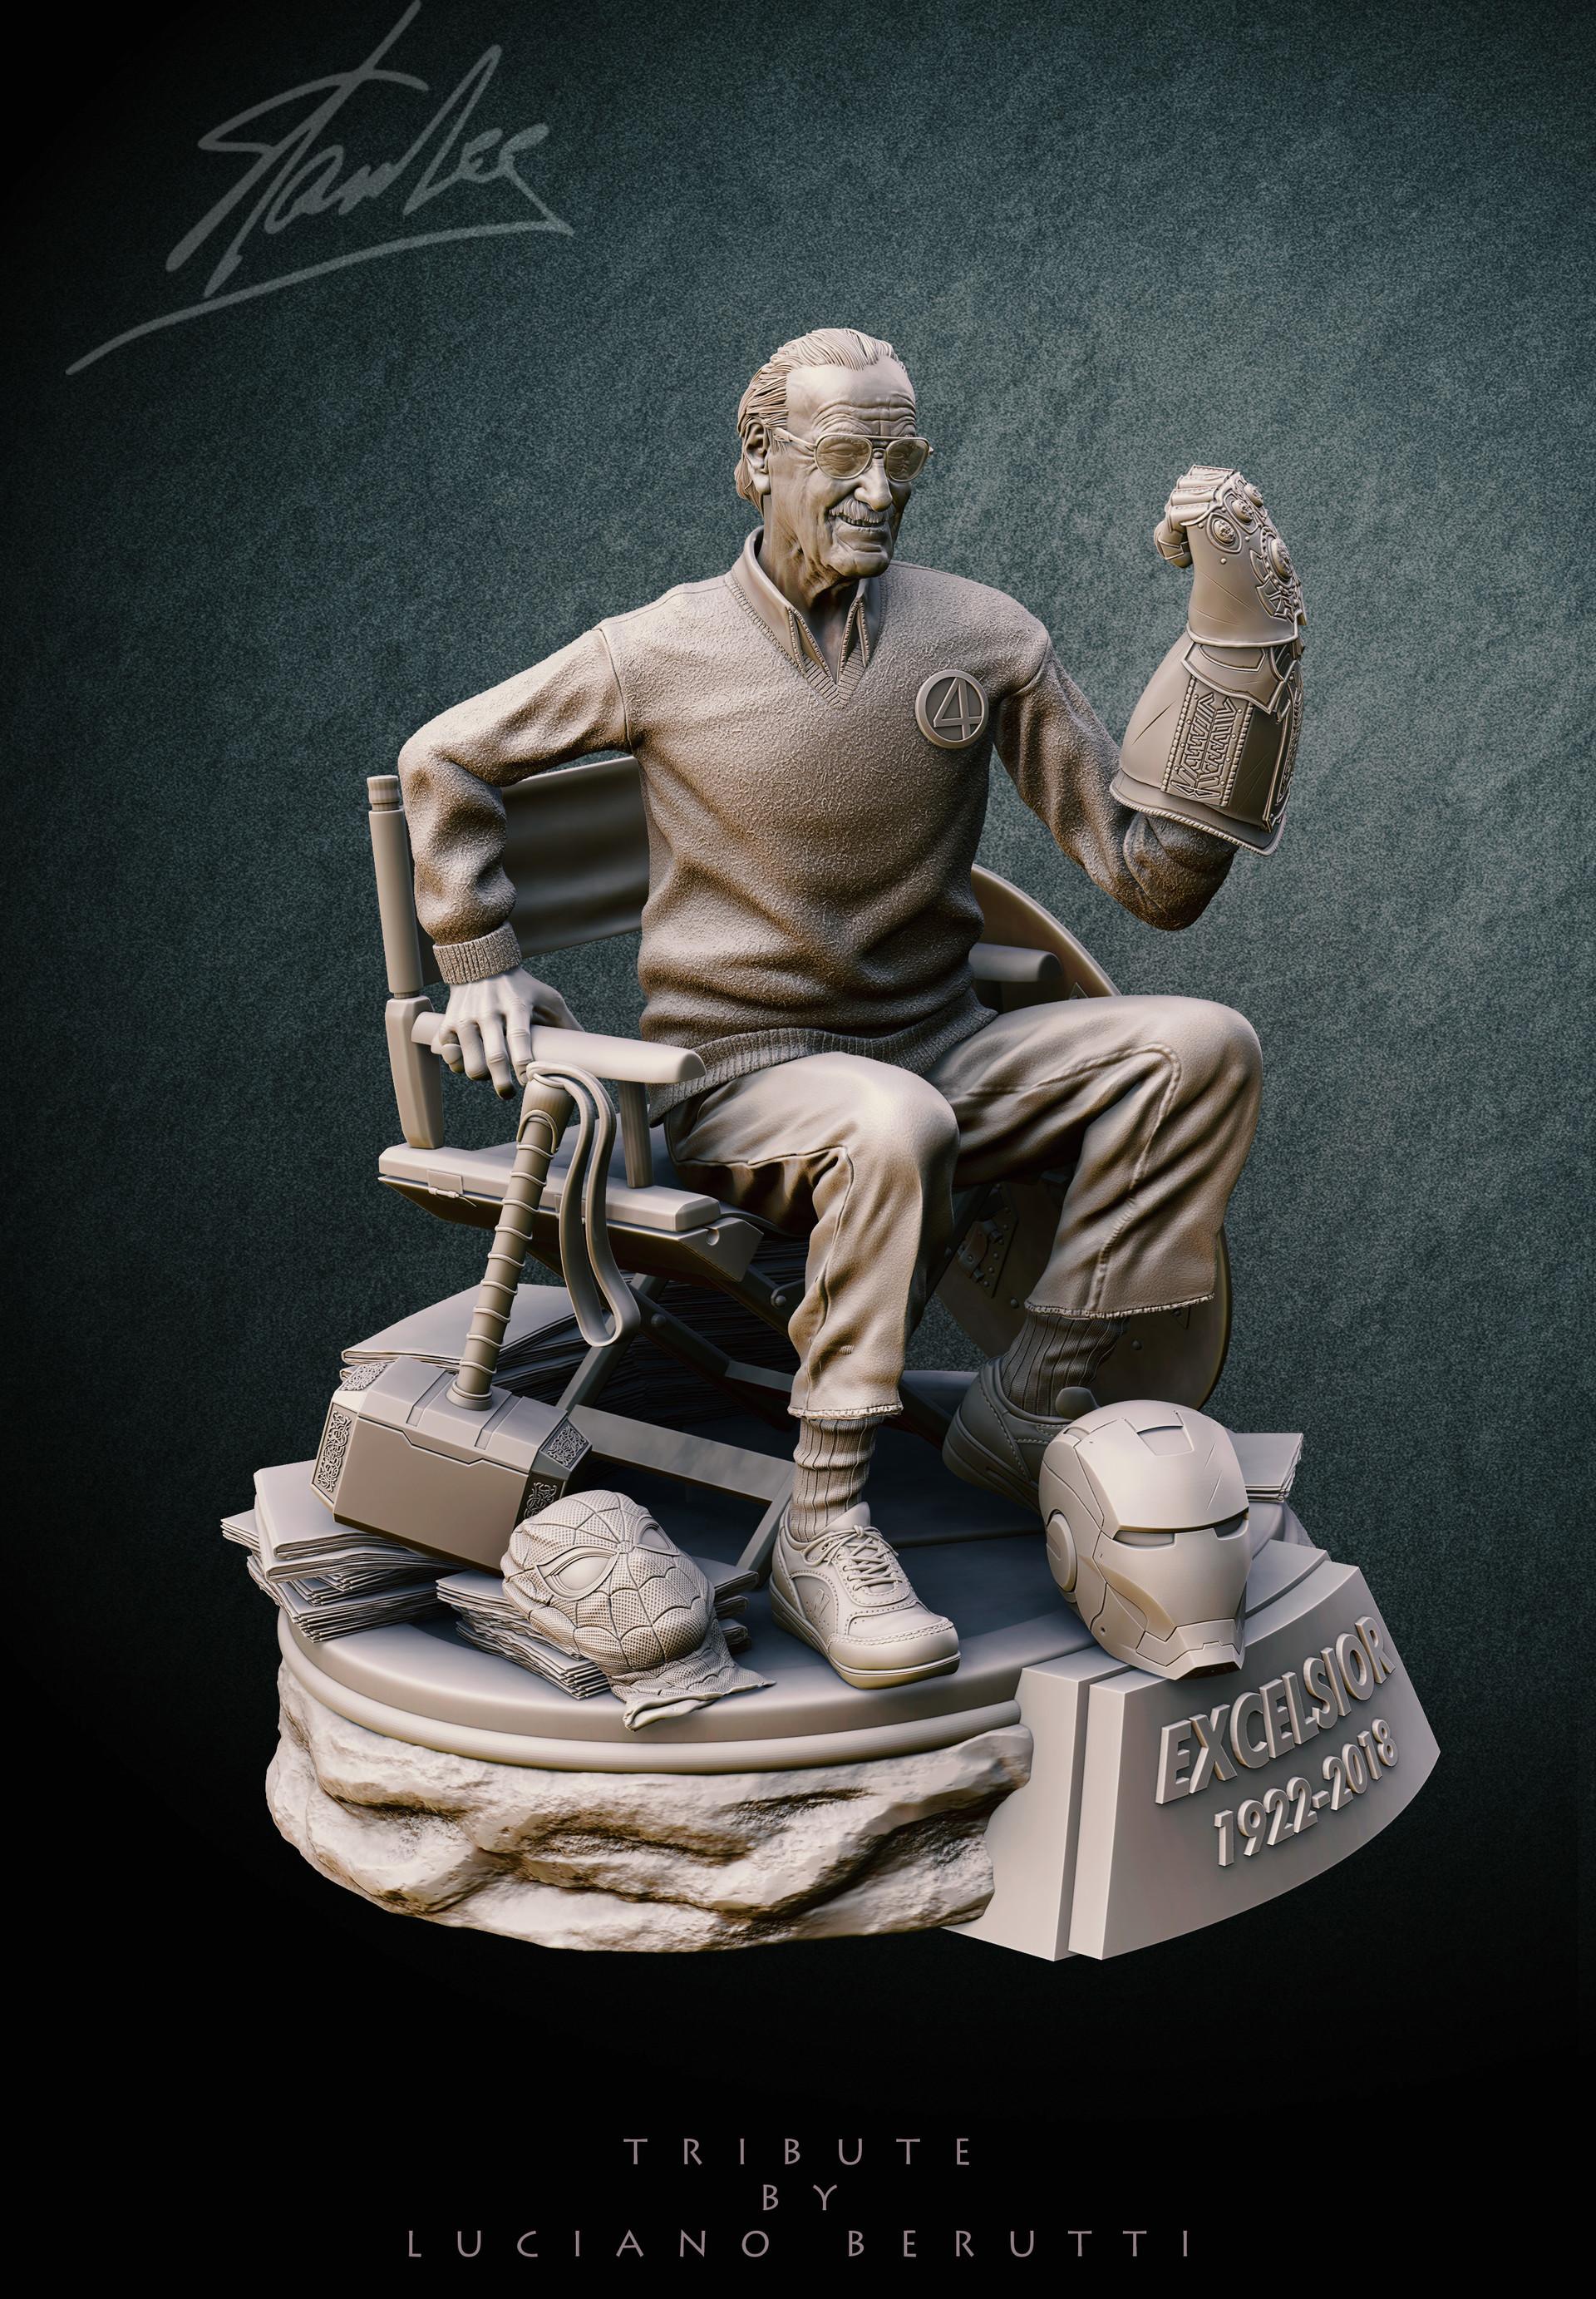 Luciano Berutti Tribute For Stan Lee Collectible Statue